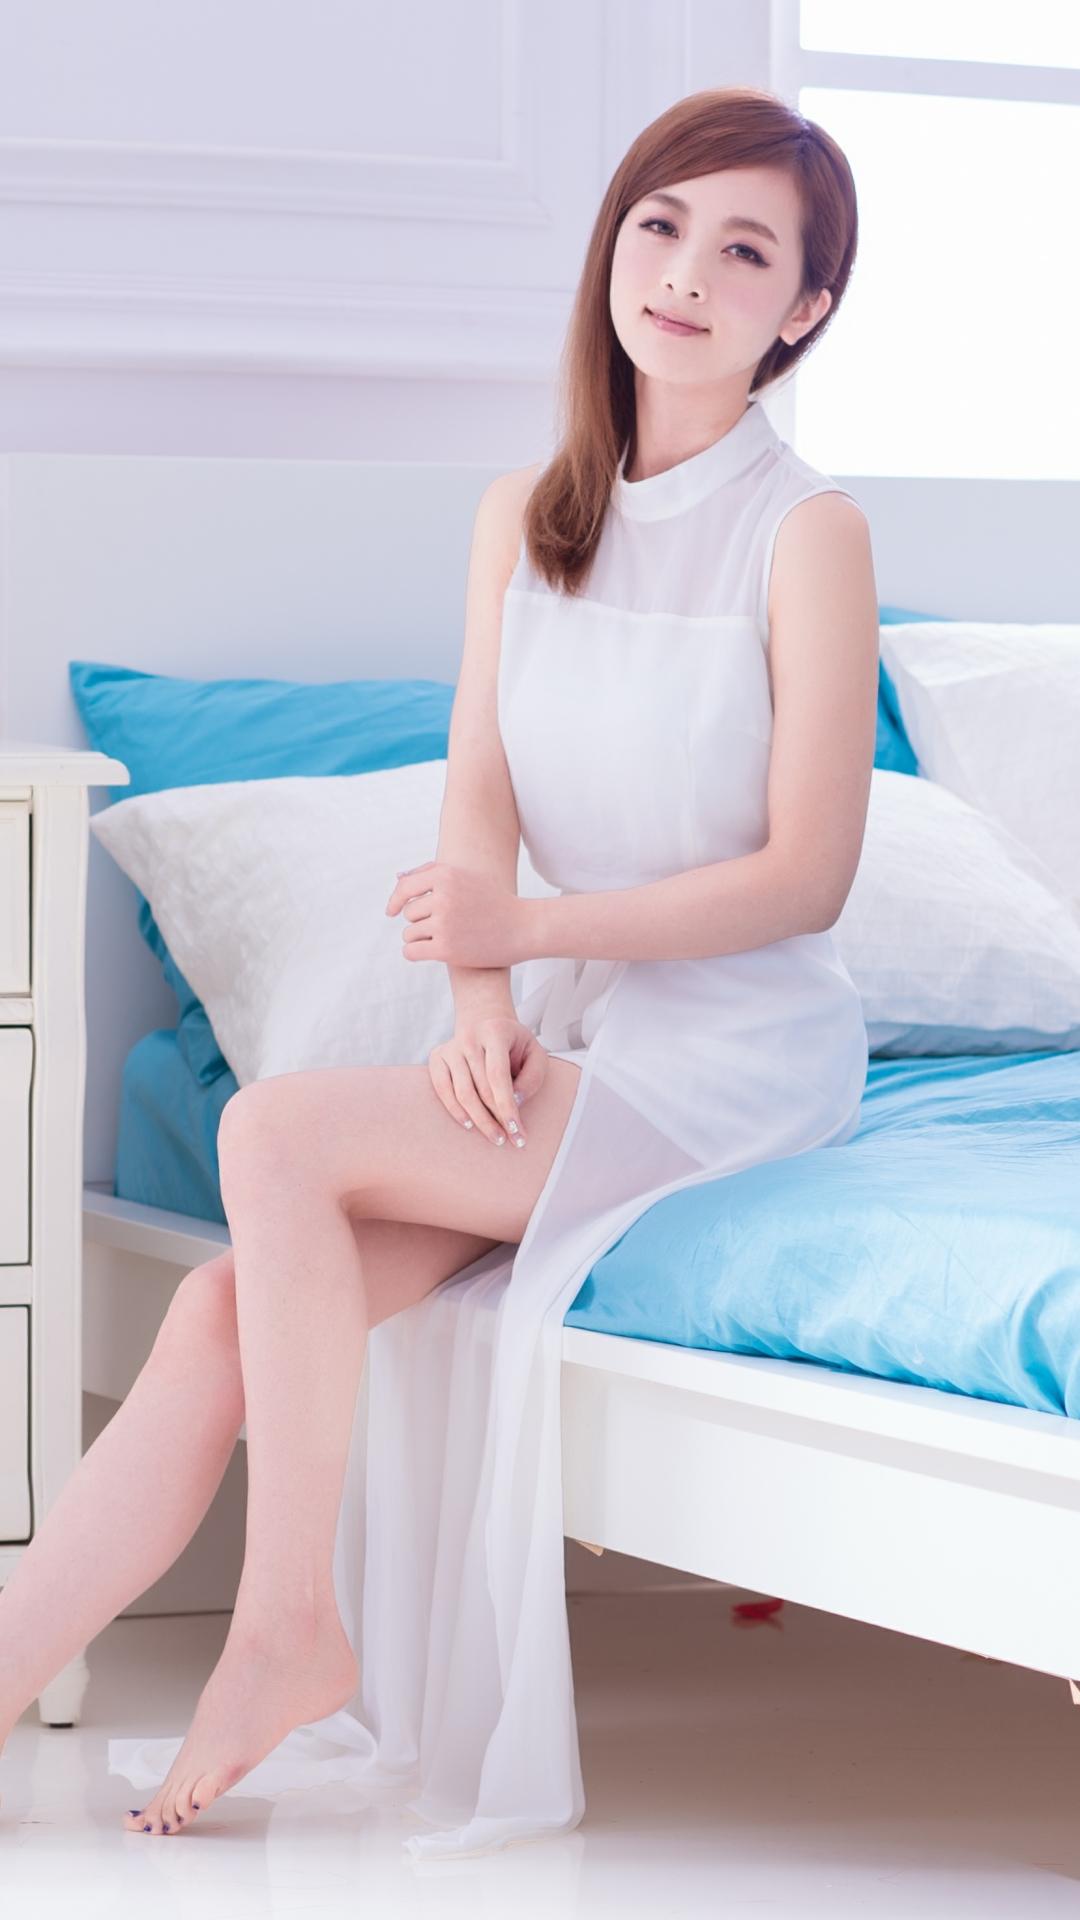 WomenMikako Zhang Kaijie 1080x1920 Wallpaper ID 655102 1080x1920